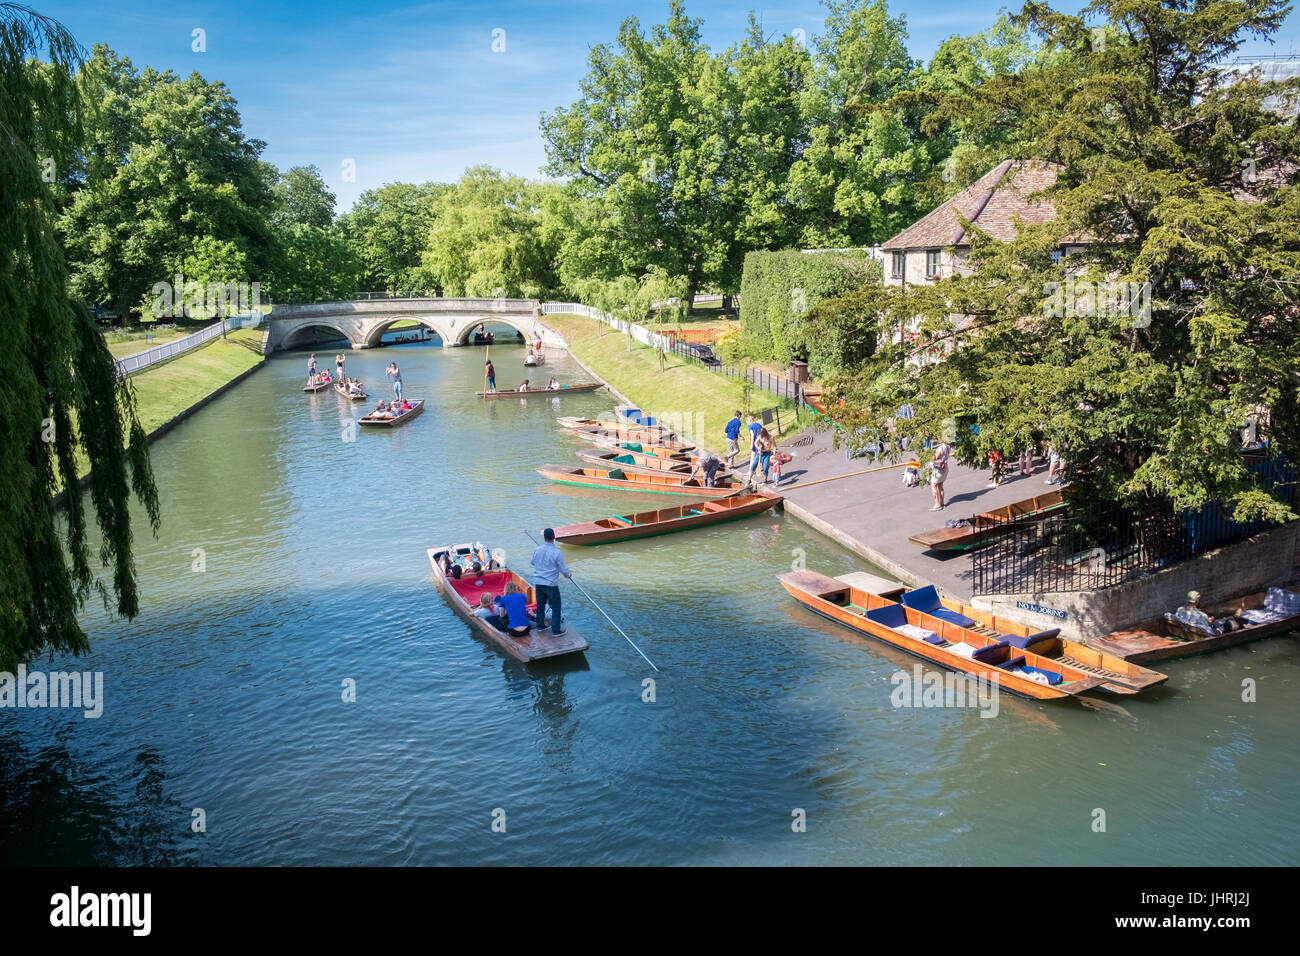 Punting on the River Cam, Cambridge, Cambridgeshire, England UK - Stock Image